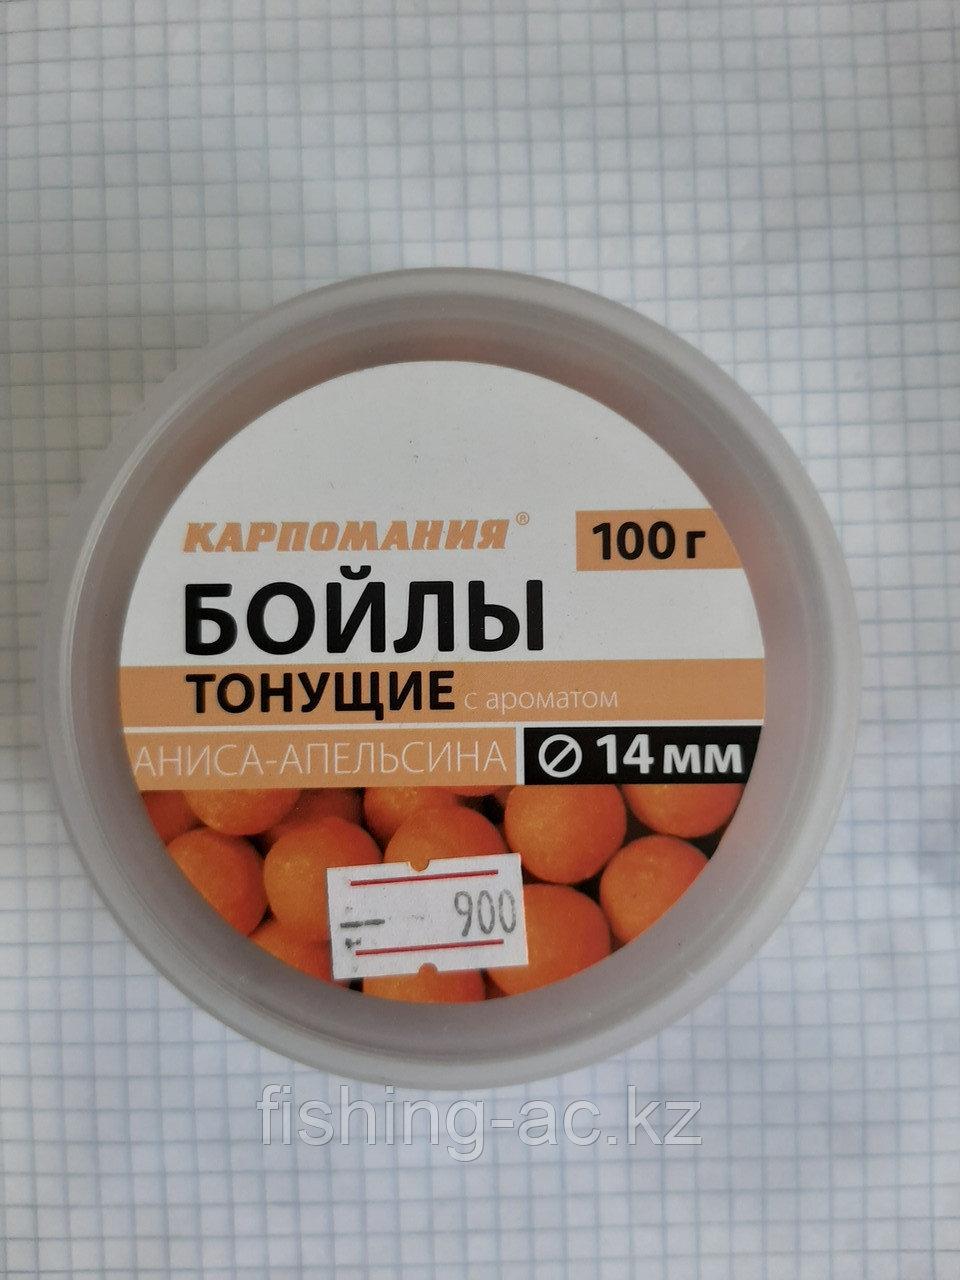 Бойлы тонущие Карпомания, Аниса-Апельсина - фото 1